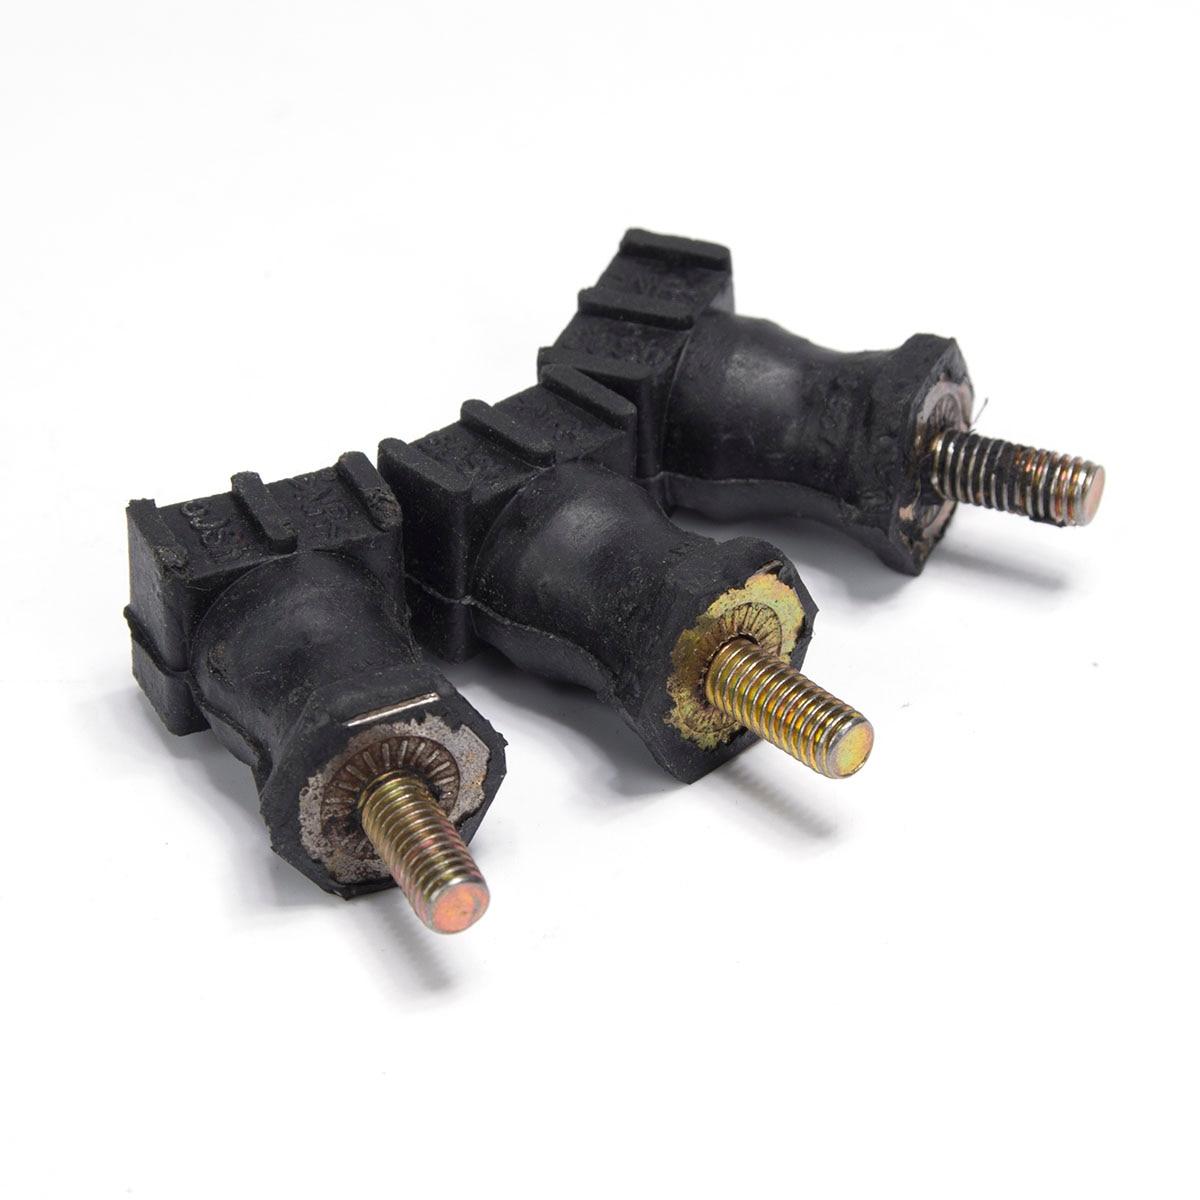 Pompe à Air secondaire auxiliaire Smog pour VW Beetle Golf Jetta Passat 1.8 T 2.0 2.8 - 5